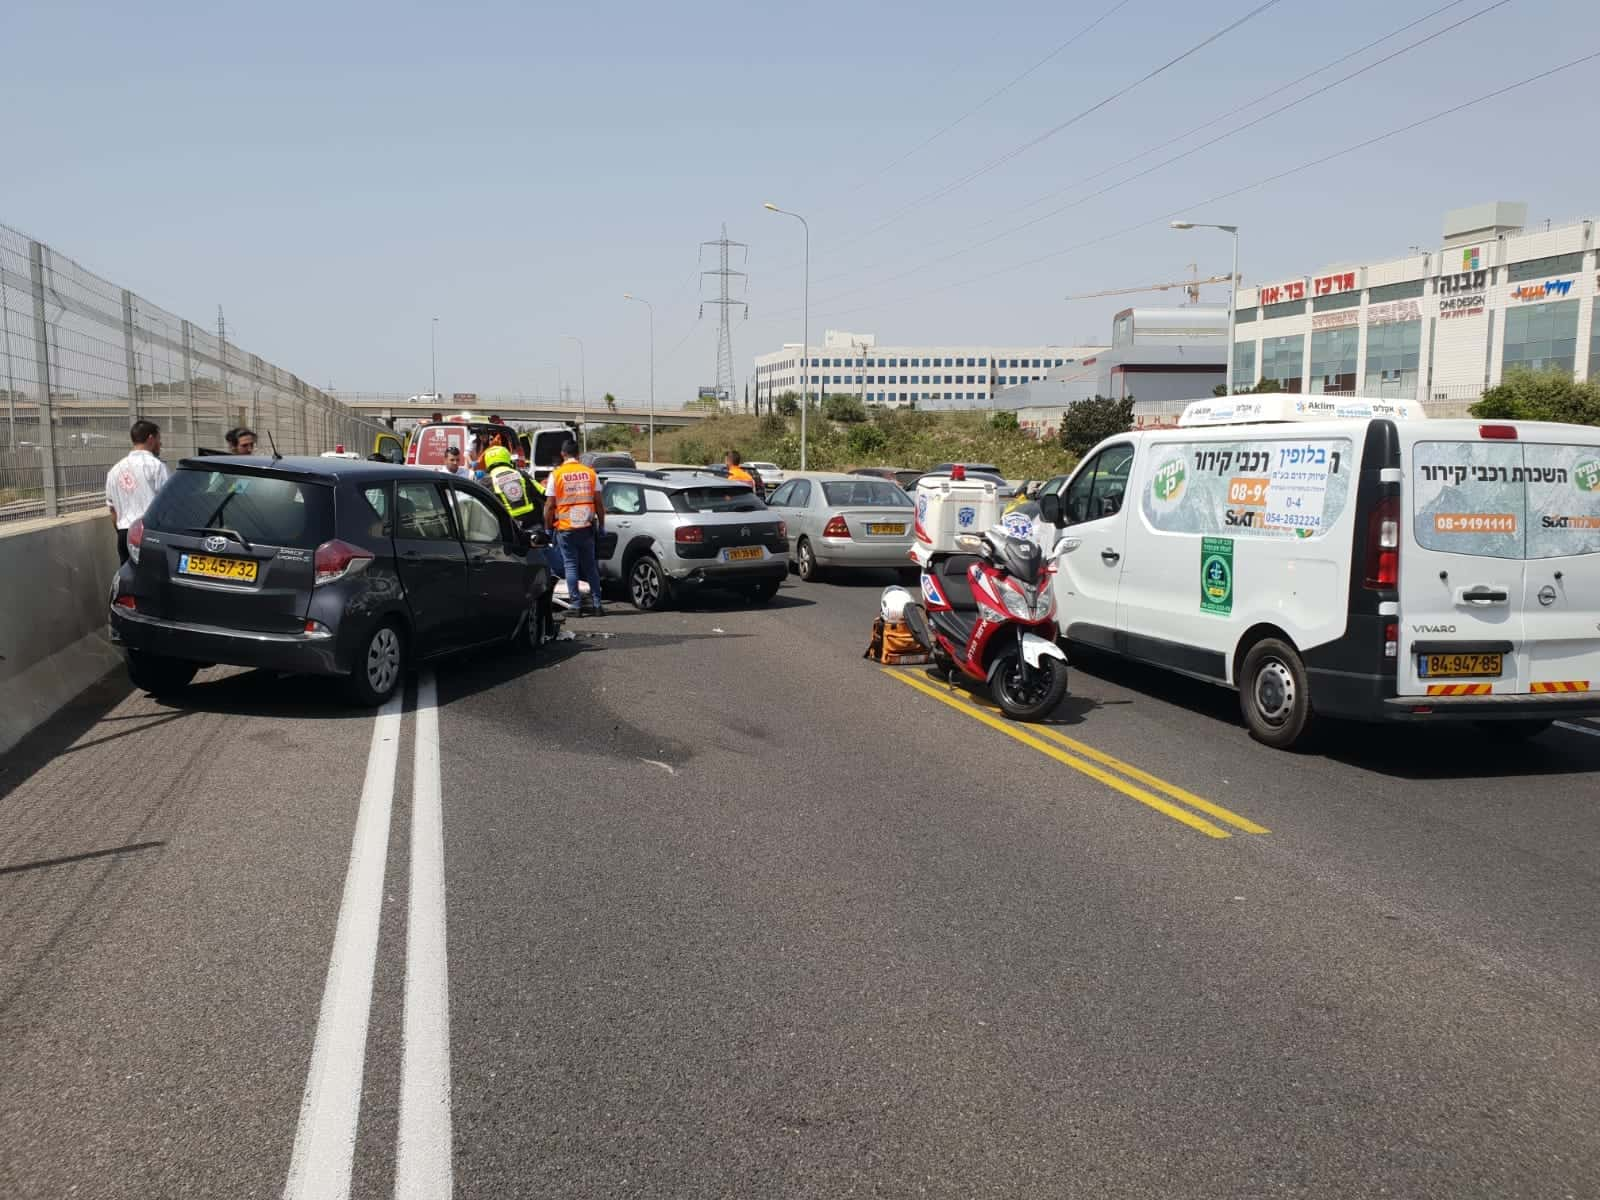 תאונה היום במחלף וולפסון, צילום: דוברות איחוד הצלה